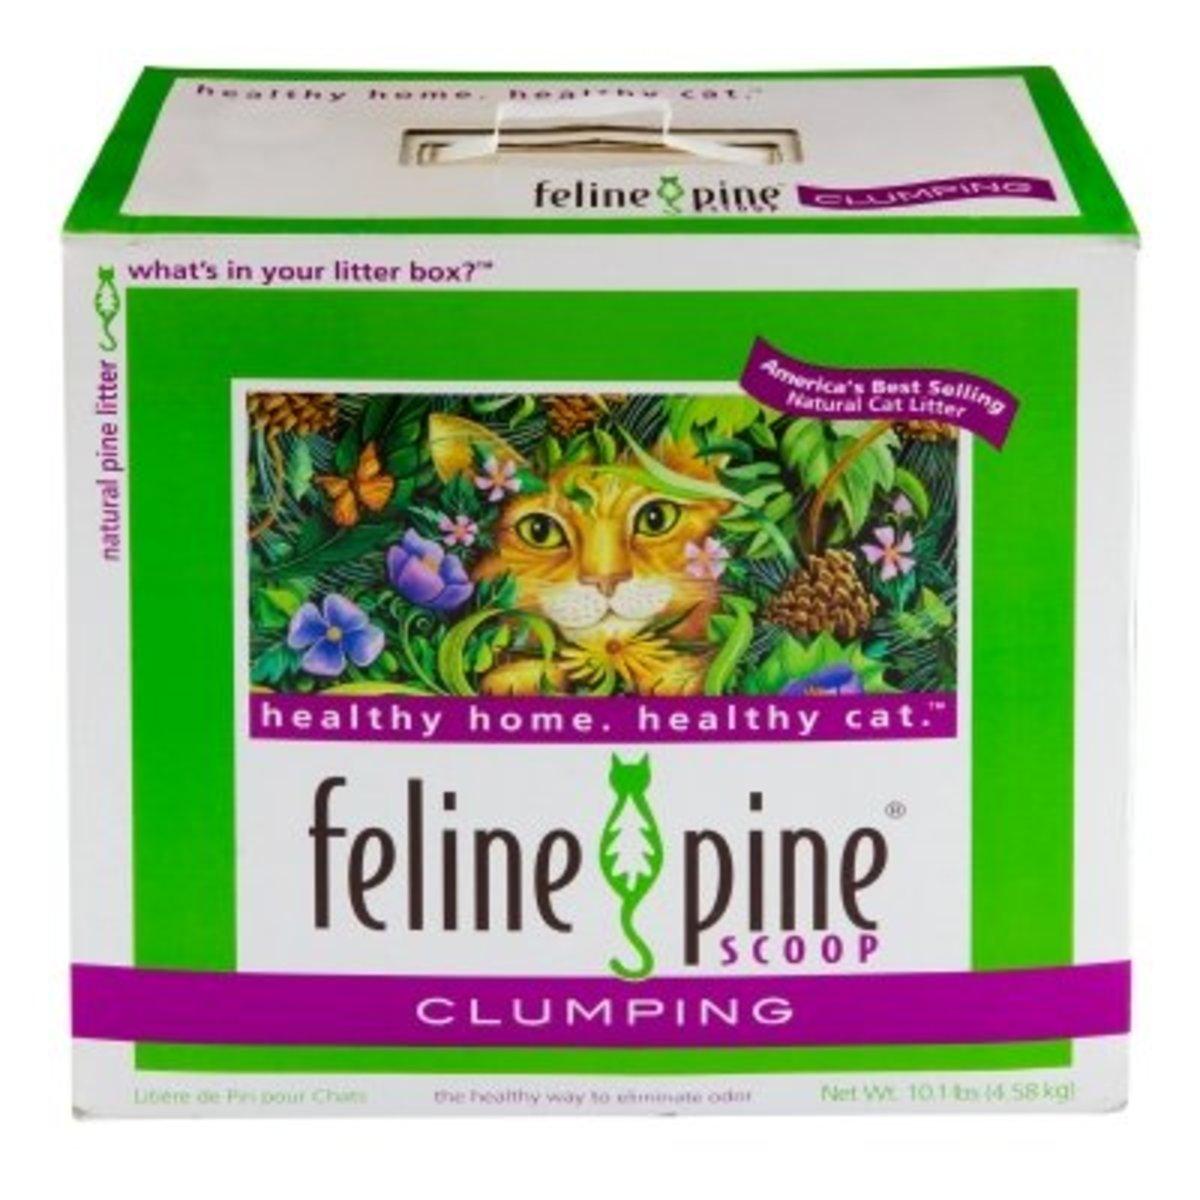 Feline Pine: A Great Alternative Cat Litter